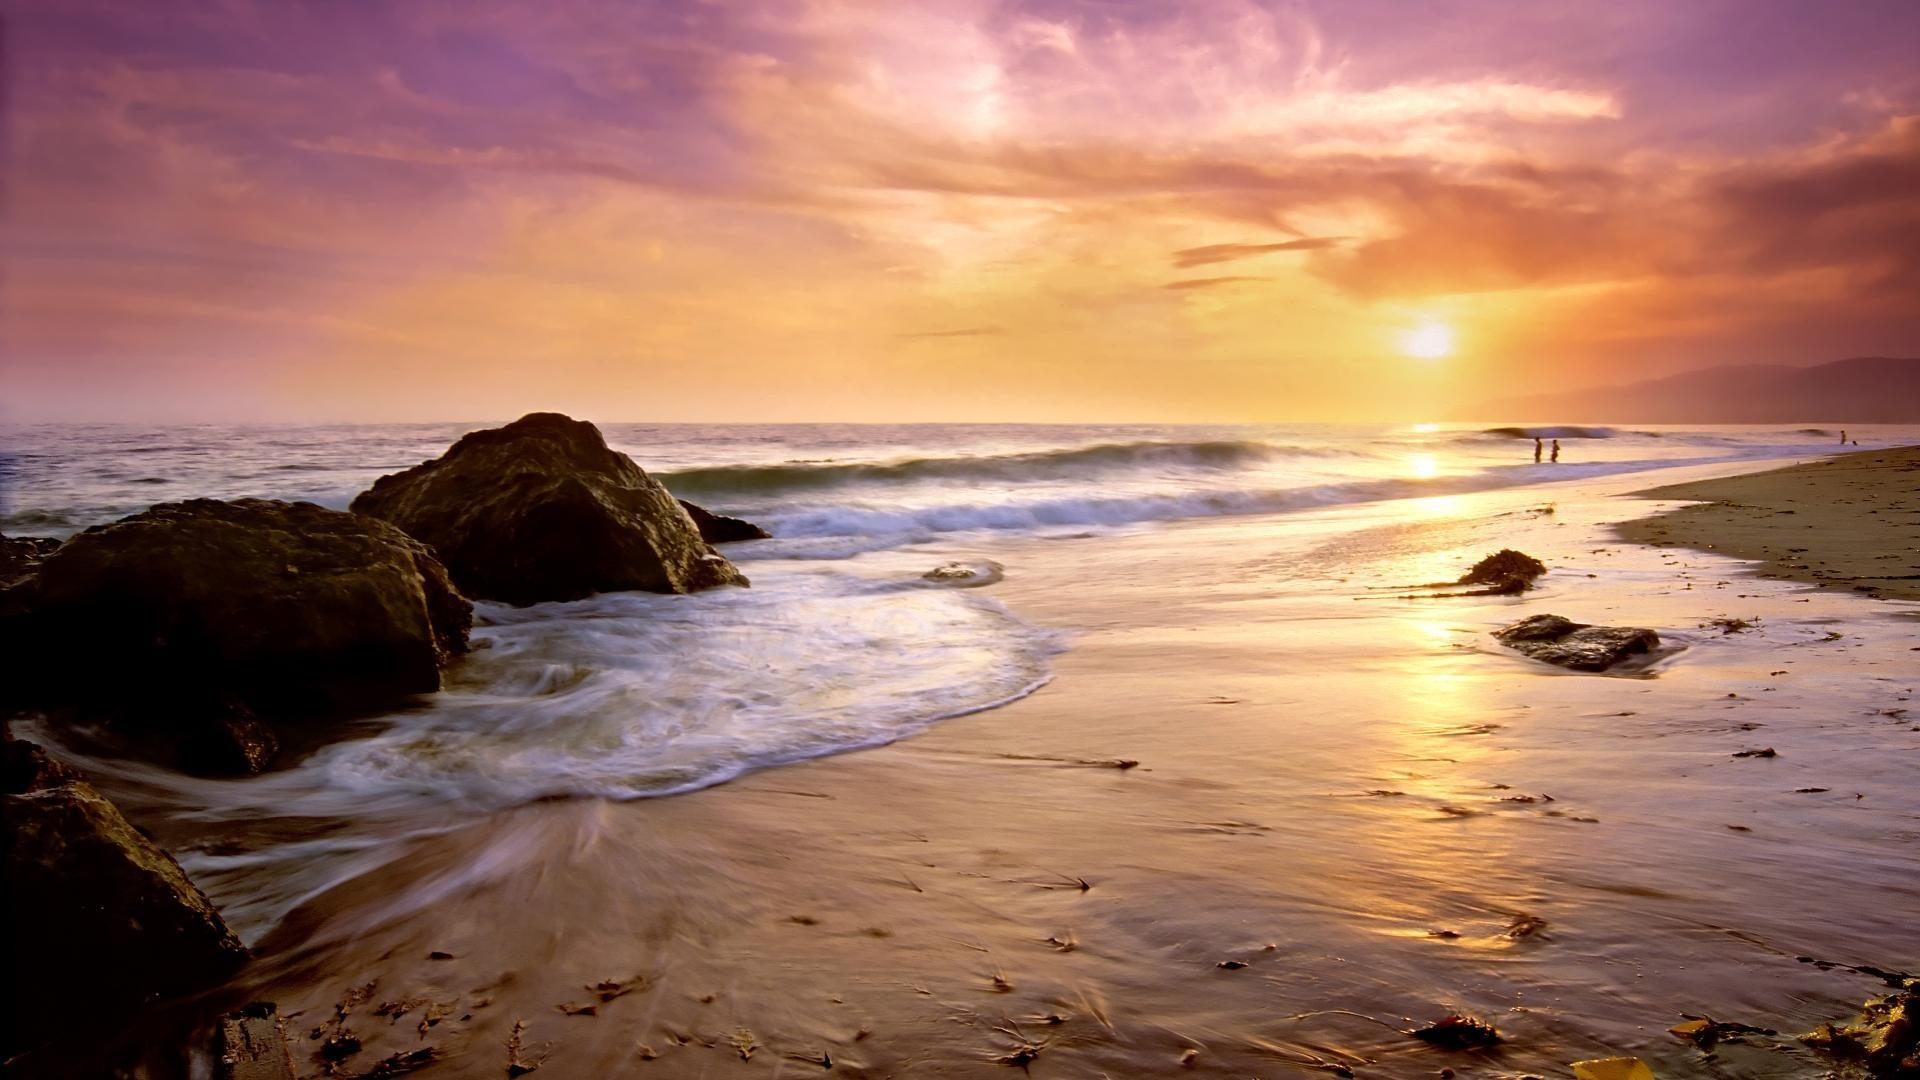 صور بحر خلفيات البحار والمياة بجودة HD (8)